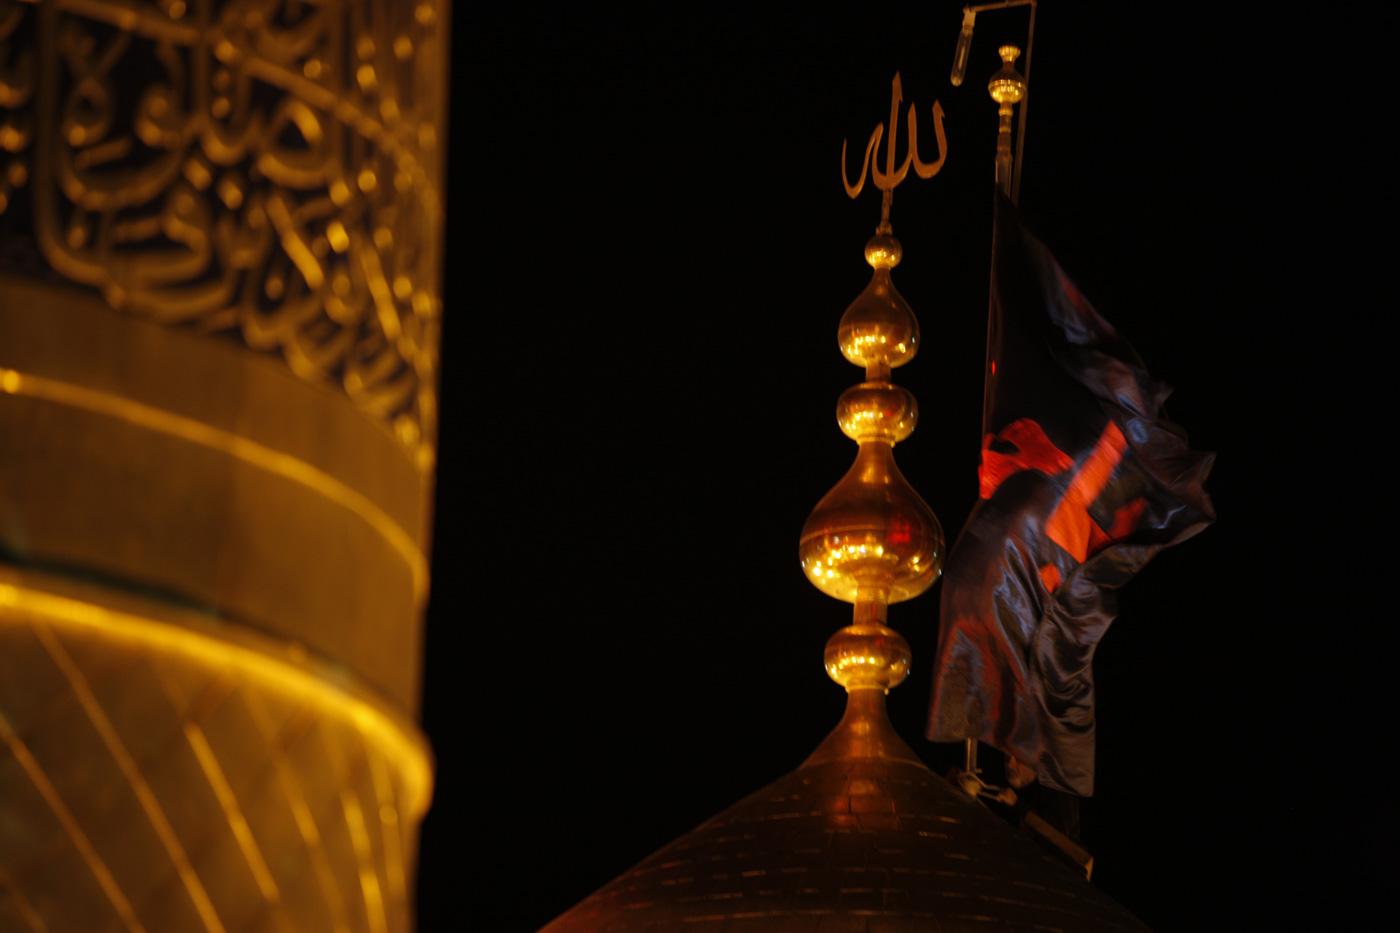 احکام عزاداری   چند فرع فقهی در ارتباط با حضرت سیدالشهداء